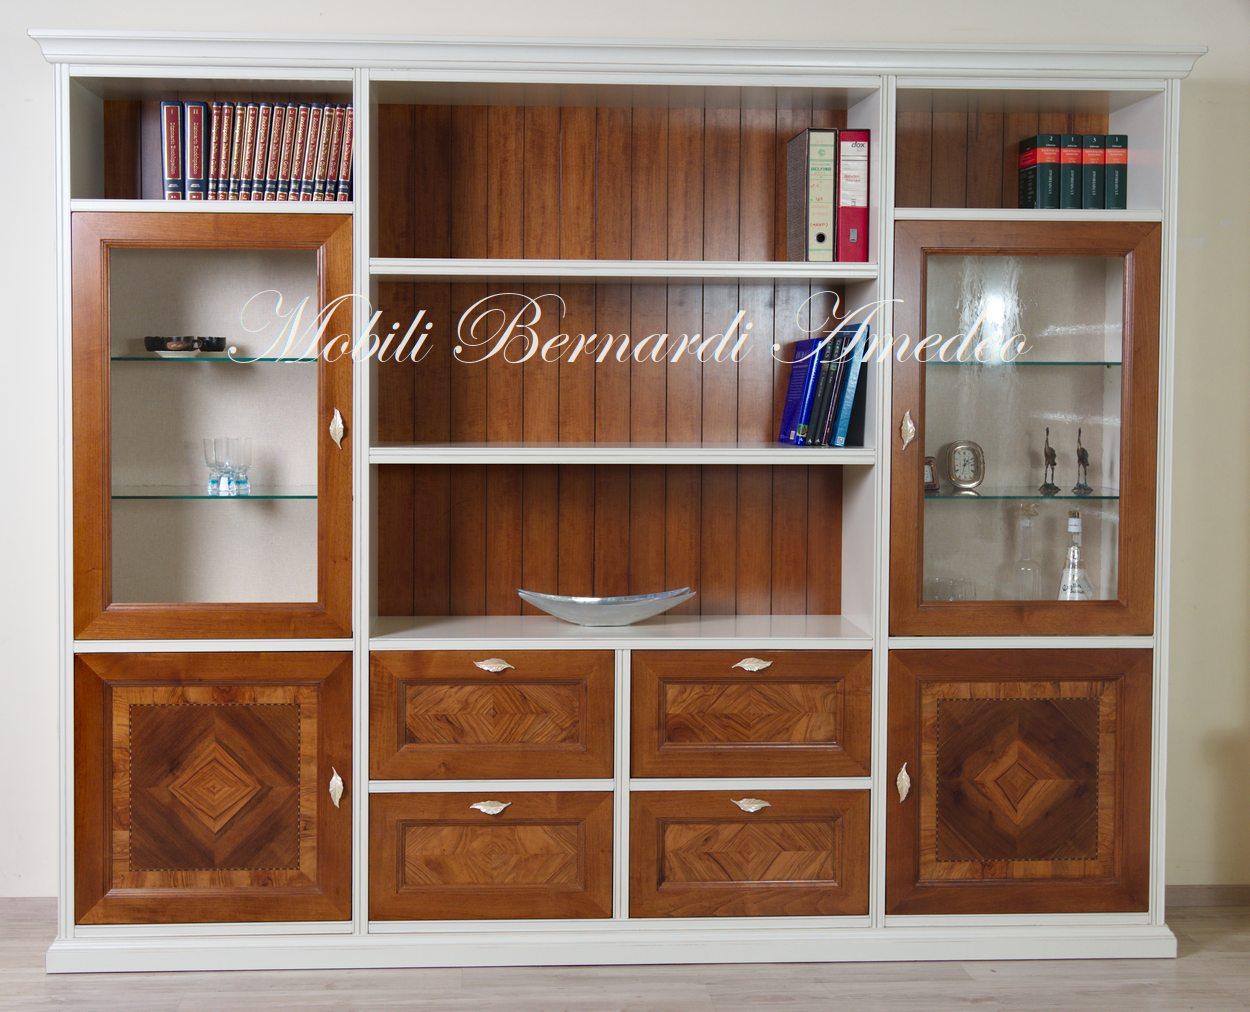 Pareti attrezzate intarsiate in legno massello | Componibili